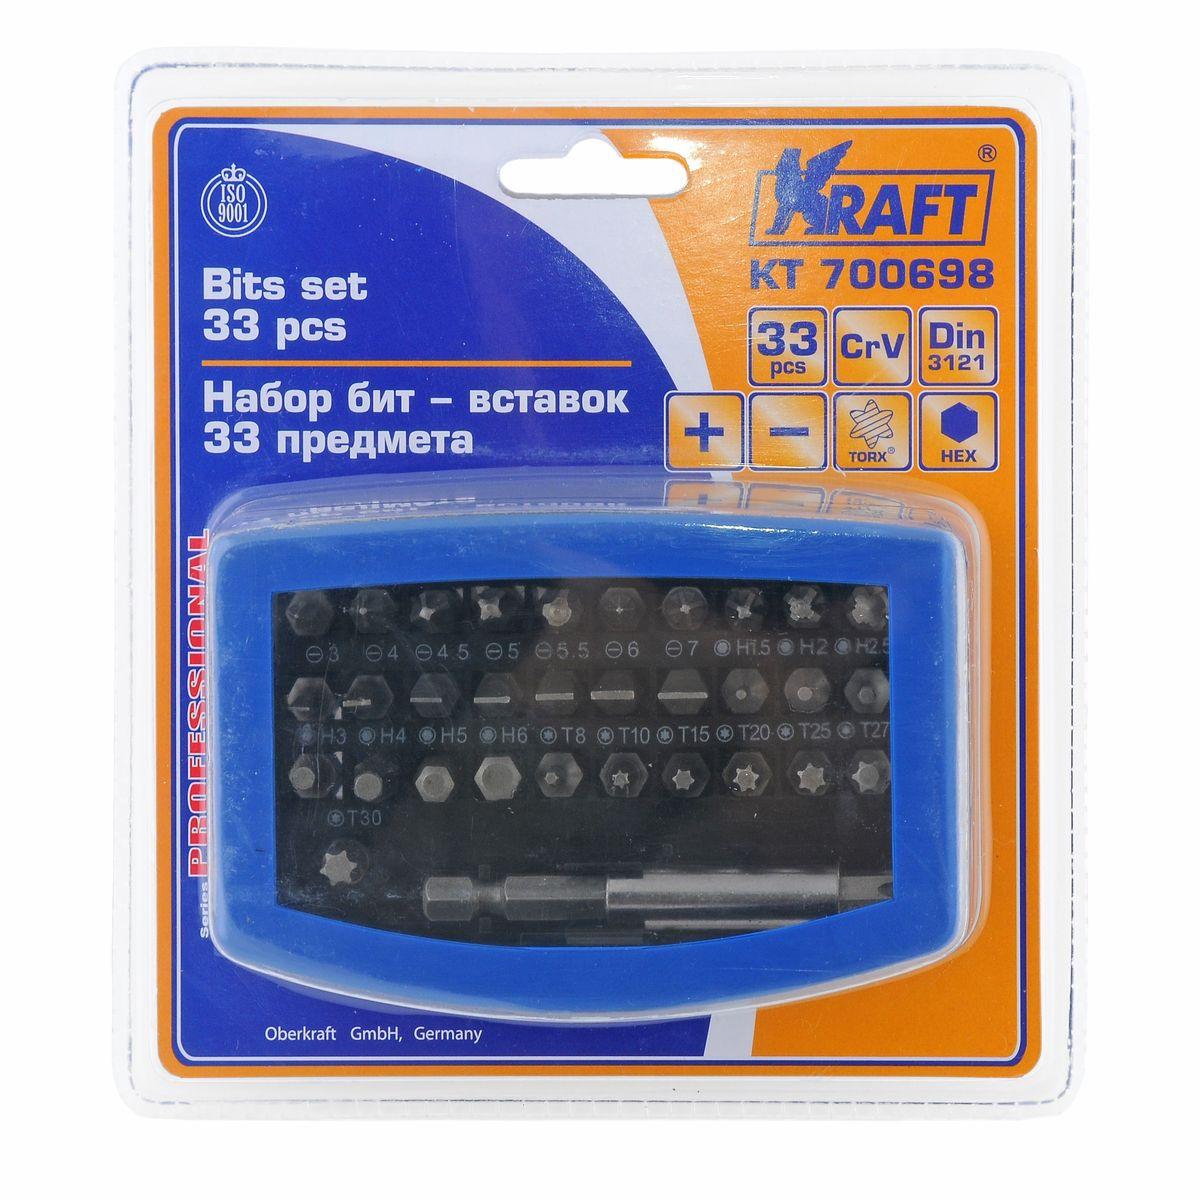 """Набор бит-вставок Kraft Professional, 33 предмета80625В набор Kraft Professional входят бит-вставки: Torx: T8, T10, T15, T20, T25, T27, T30, T40;Hex: 1,5, H2, H2,5, H3, H4, H5, H6;шлицевые: Sl3, Sl4, Sl4,5, Sl5, Sl5,5, Sl6, Sl7;крестовые: Ph0, Ph1, Ph2, Ph3, Ph4, Pz0, Pz1, Pz2, Pz3, Pz4;держатель бит 5/16"""".Элементы набора Kraft Professional изготовлены из хромованадиевой стали марки 50BV30 со специальным трехслойным покрытием, обеспечивающим долговременную защиту от механических повреждений."""